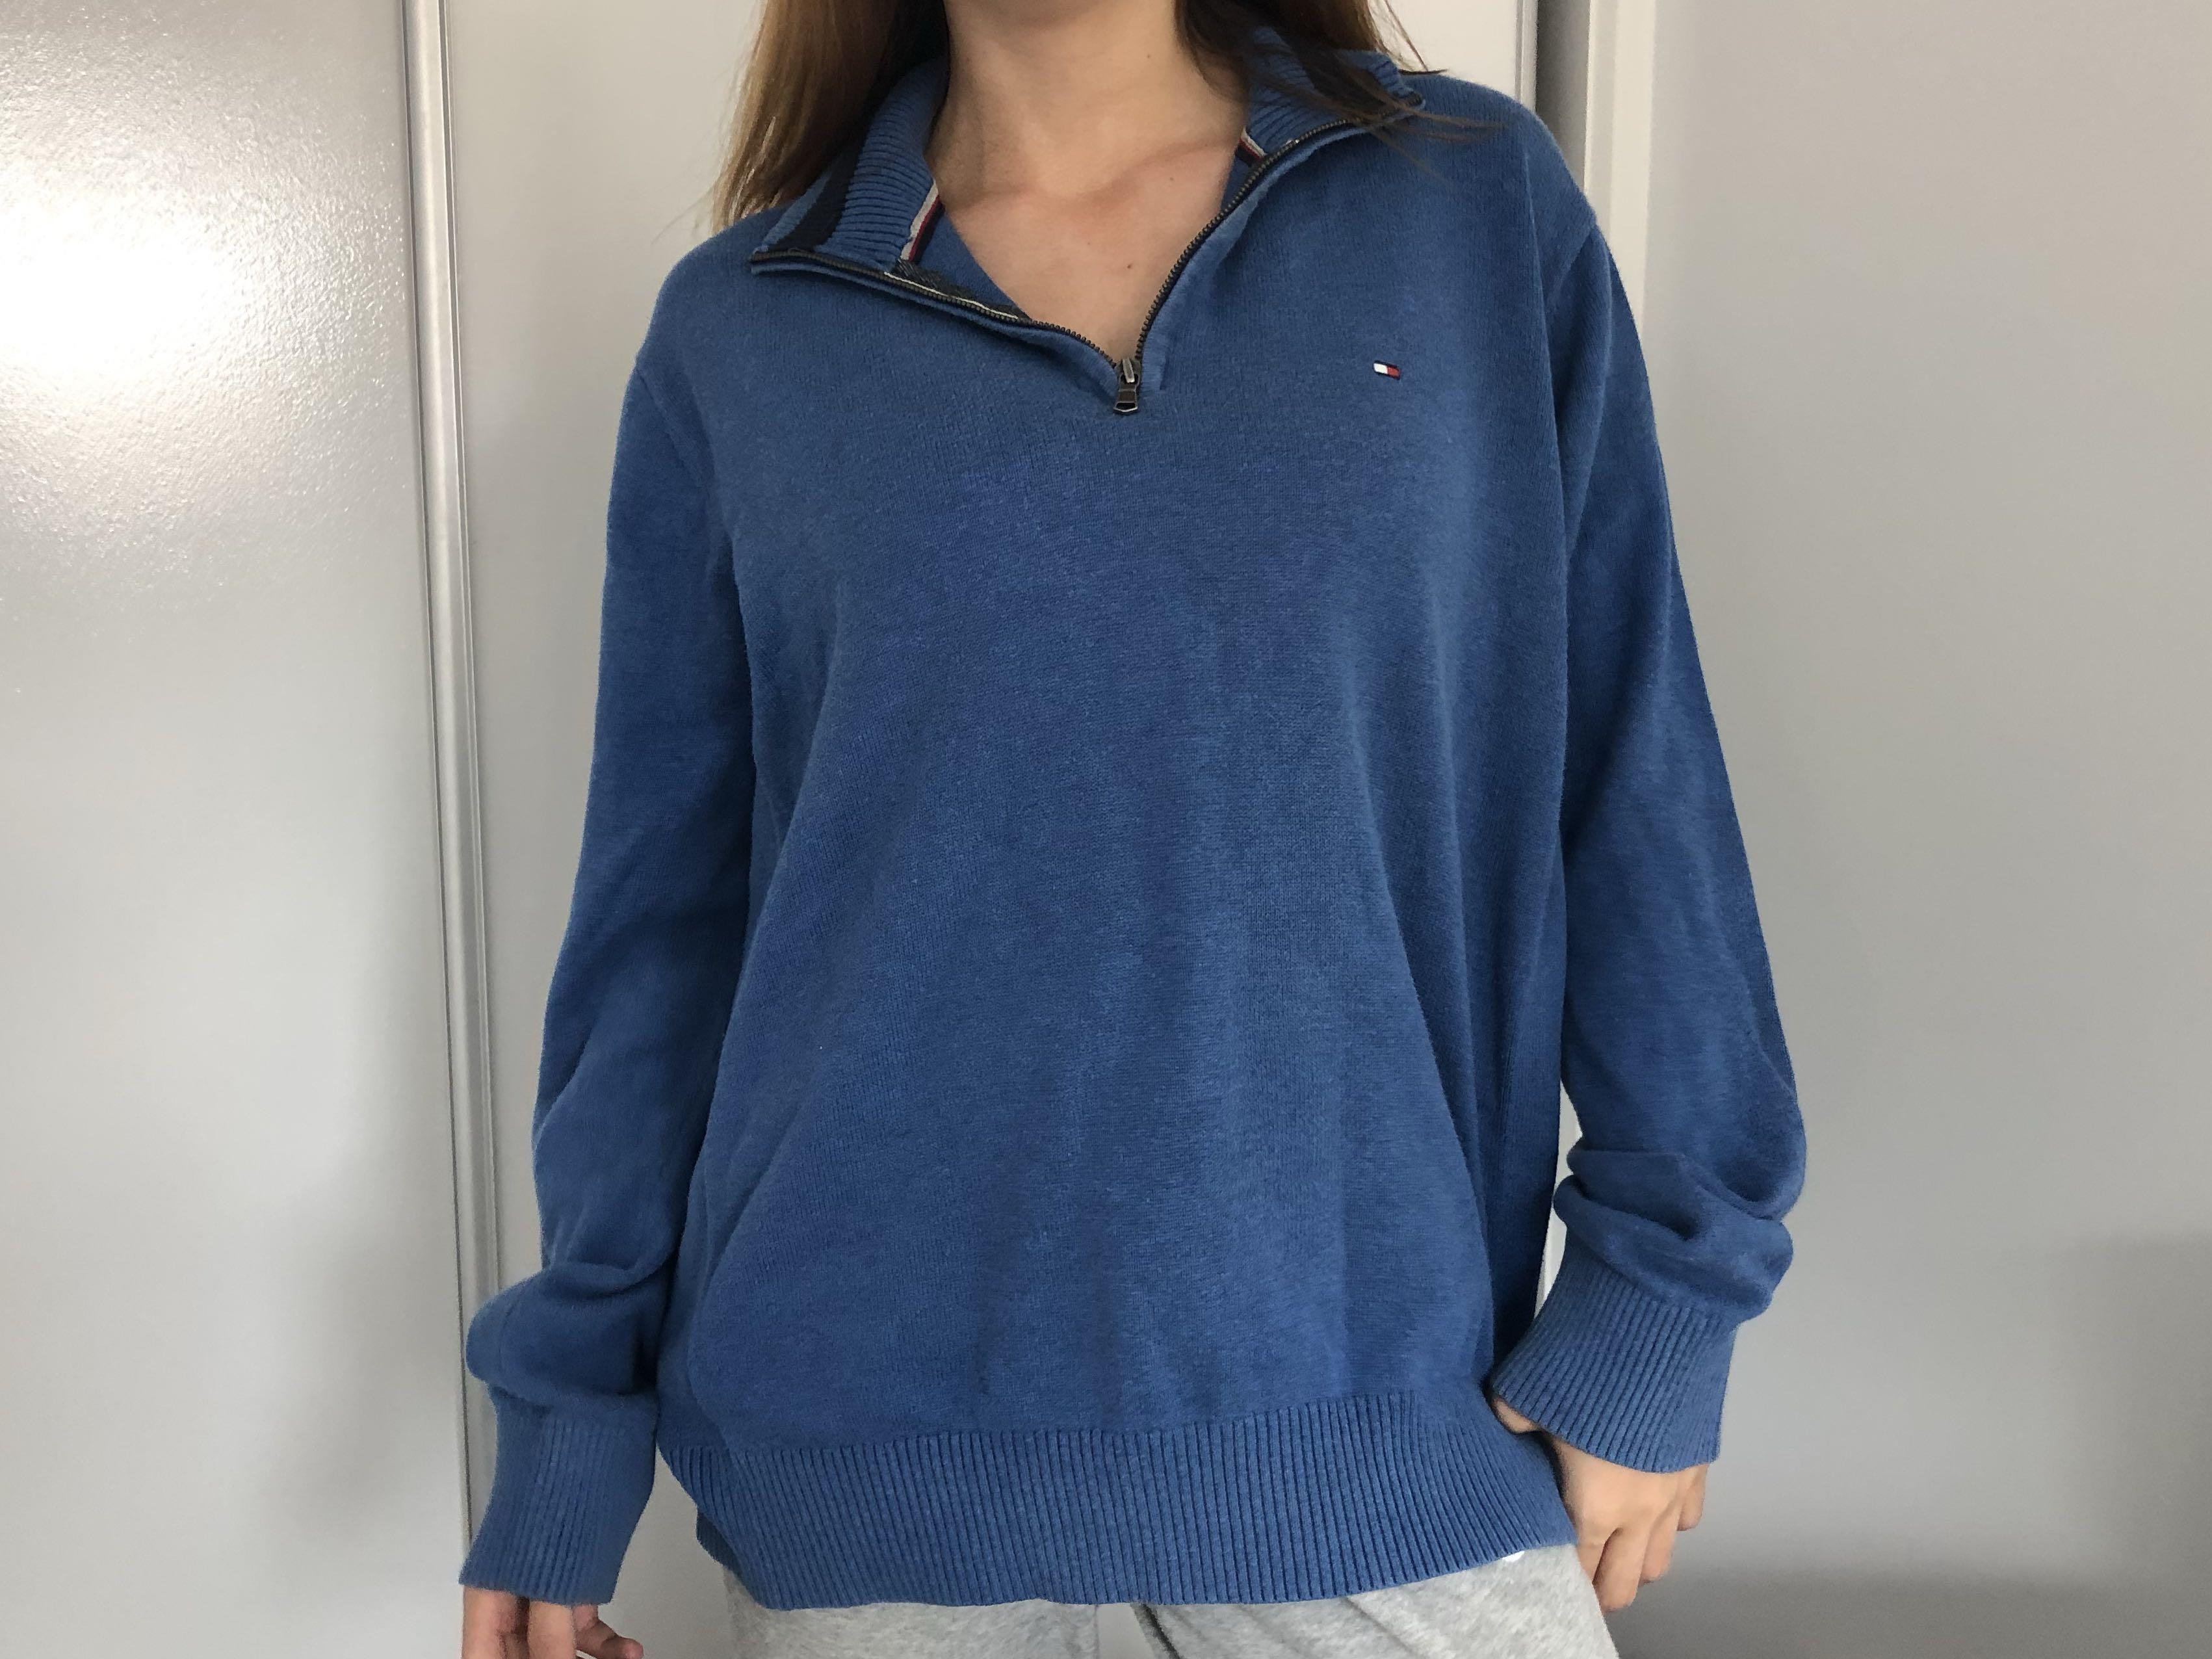 tommy hilfiger blue pullover jumper